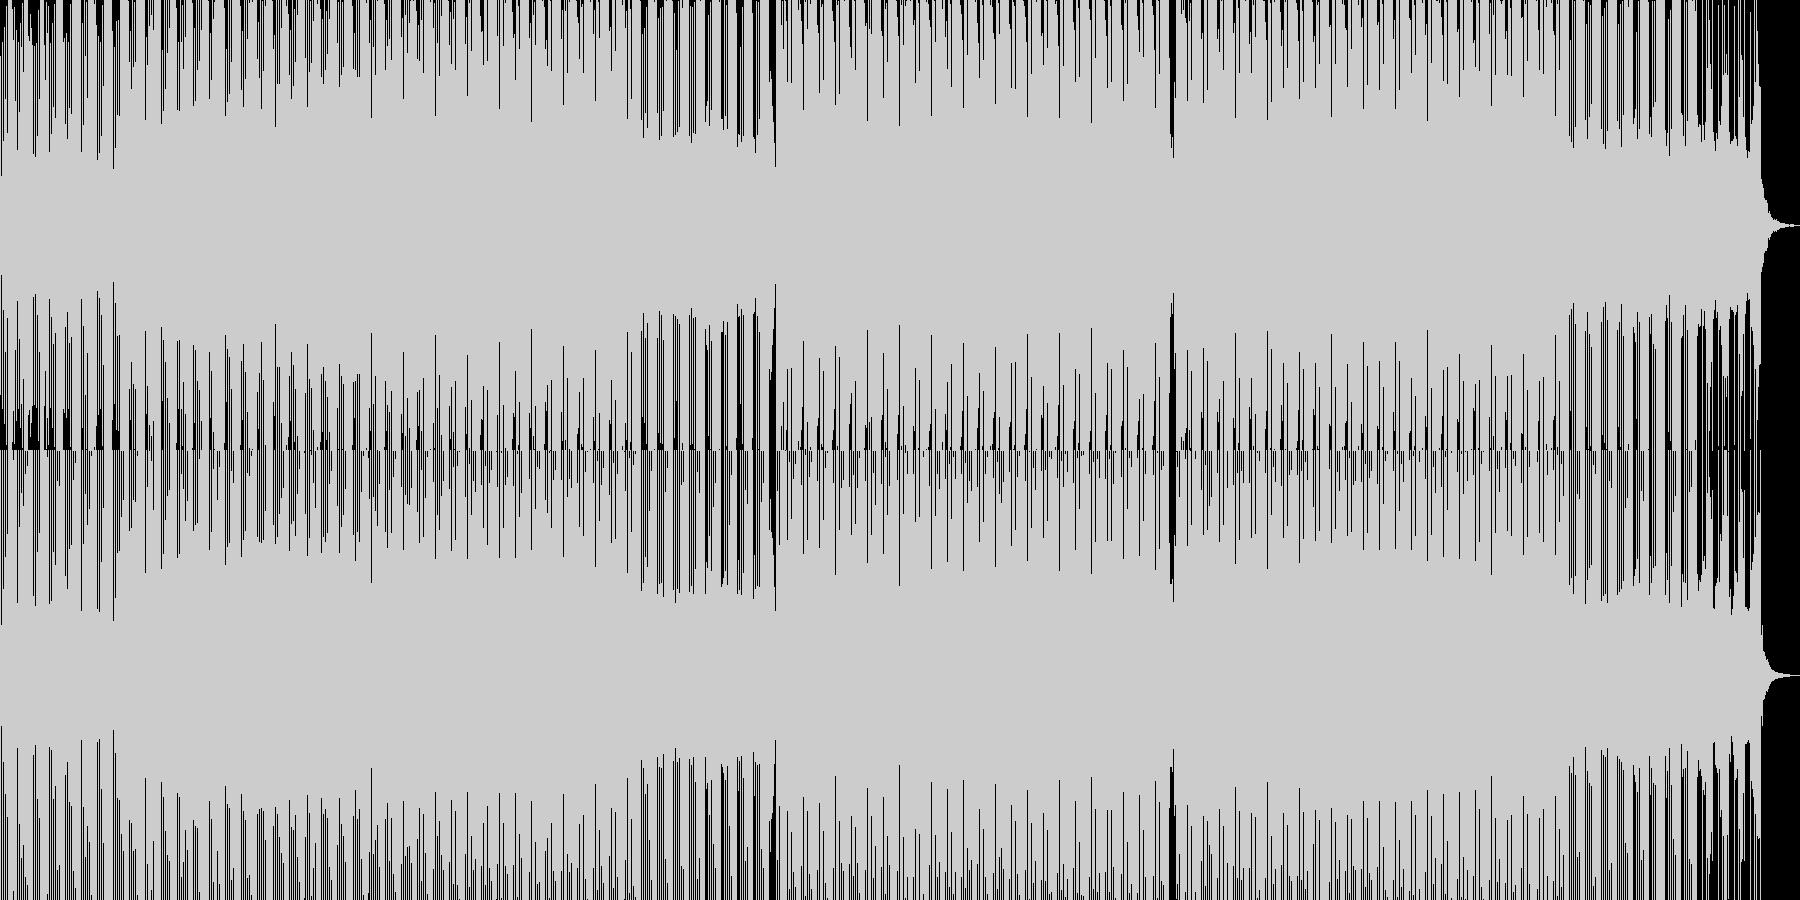 神秘的な4つ打ちハウスミュージックの未再生の波形